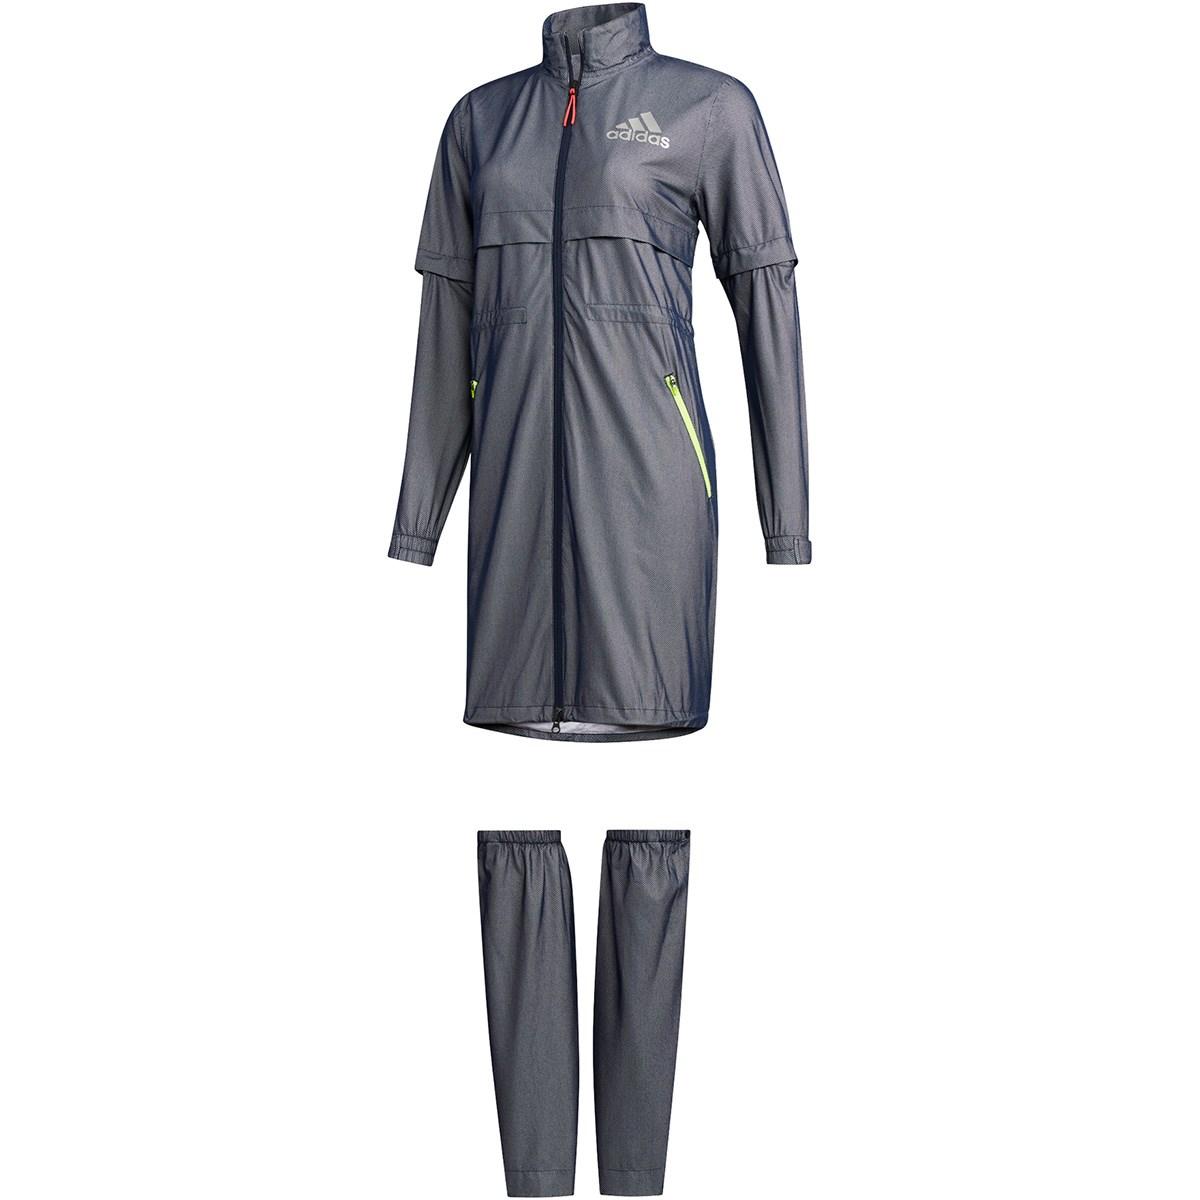 アディダス Adidas レッグカバー付き ハイストレッチ レインワンピース OT カレッジネイビー レディス